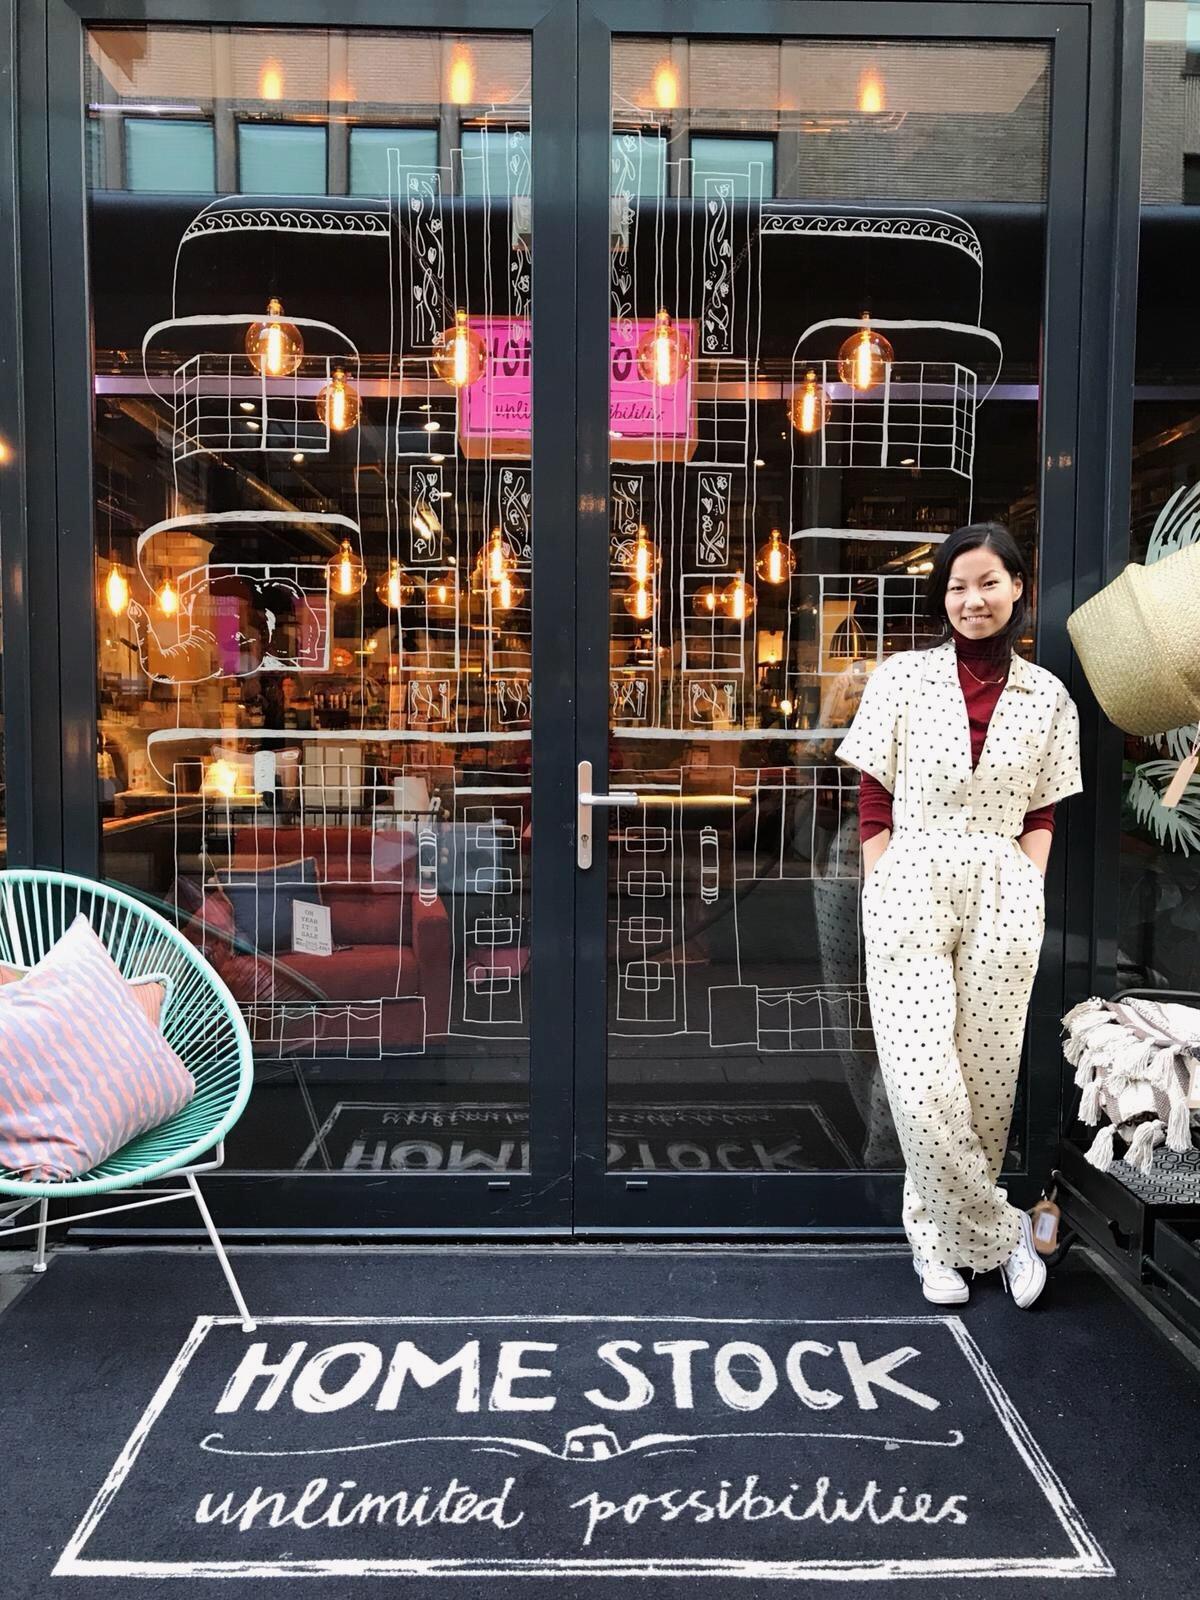 Home Stock Eindhoven - photo: Krisje Klootwijk